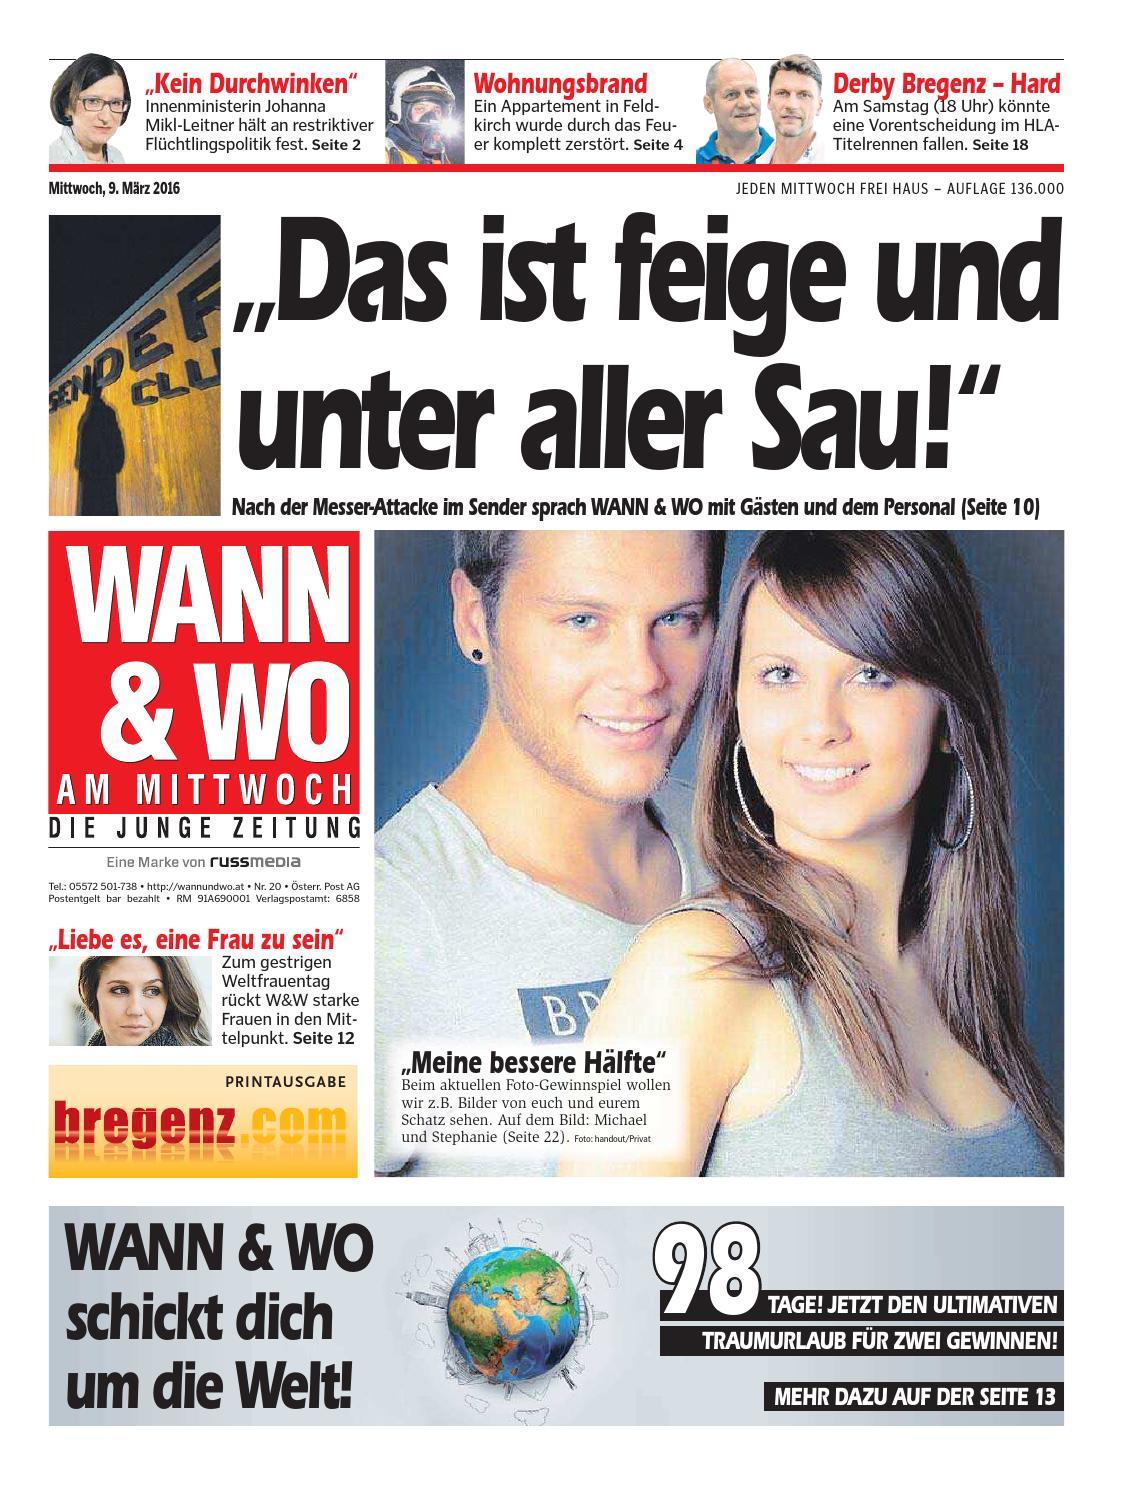 Blitz dating aus bernstein. Oberndorf bei salzburg treffen frauen